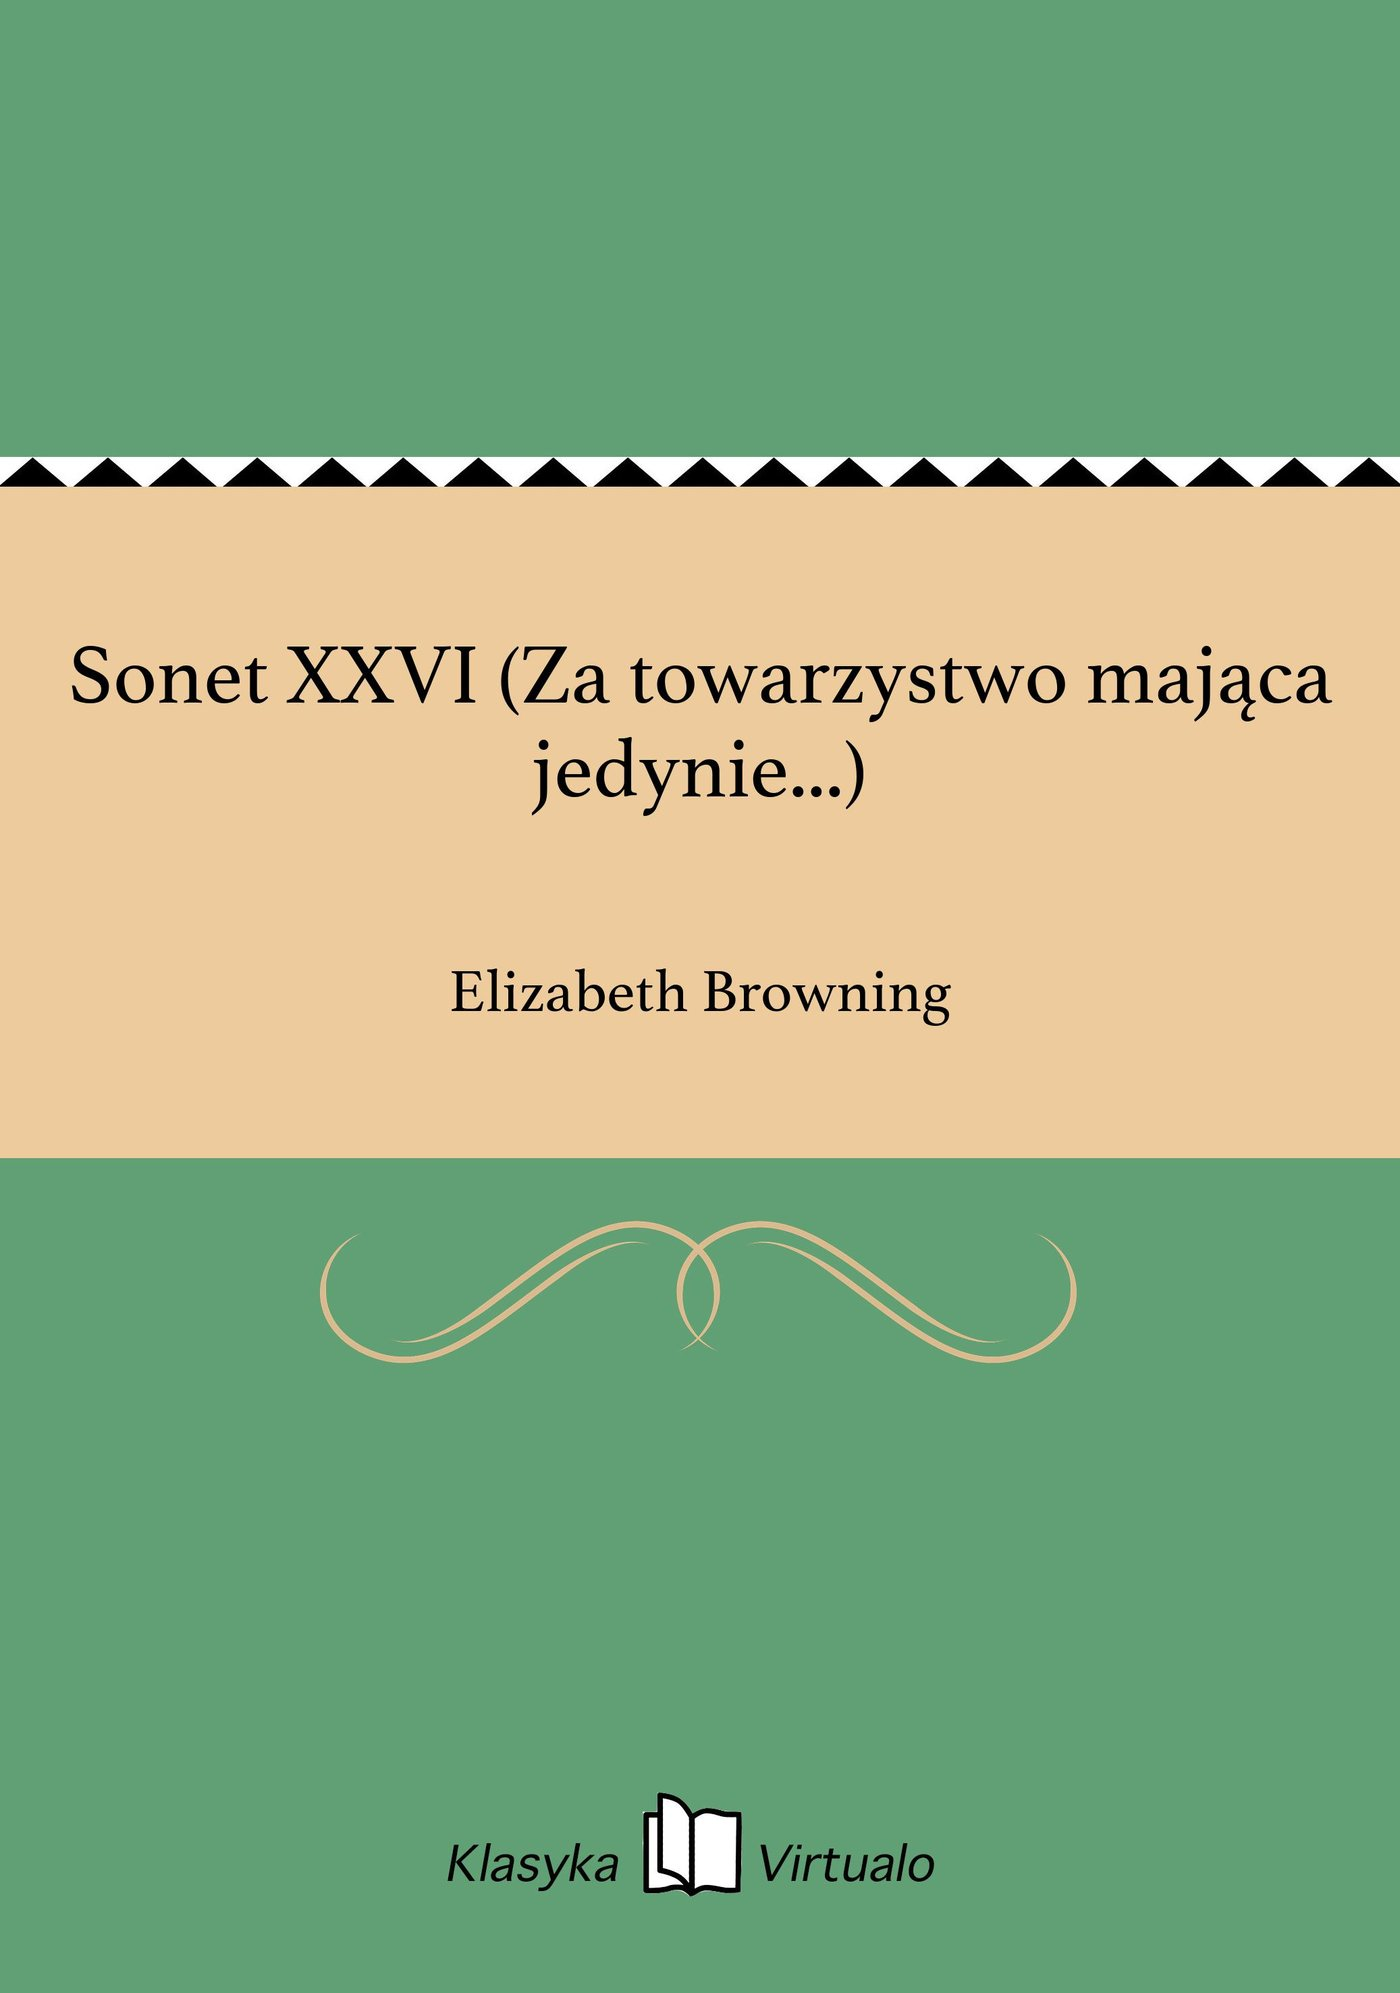 Sonet XXVI (Za towarzystwo mająca jedynie...) - Ebook (Książka na Kindle) do pobrania w formacie MOBI